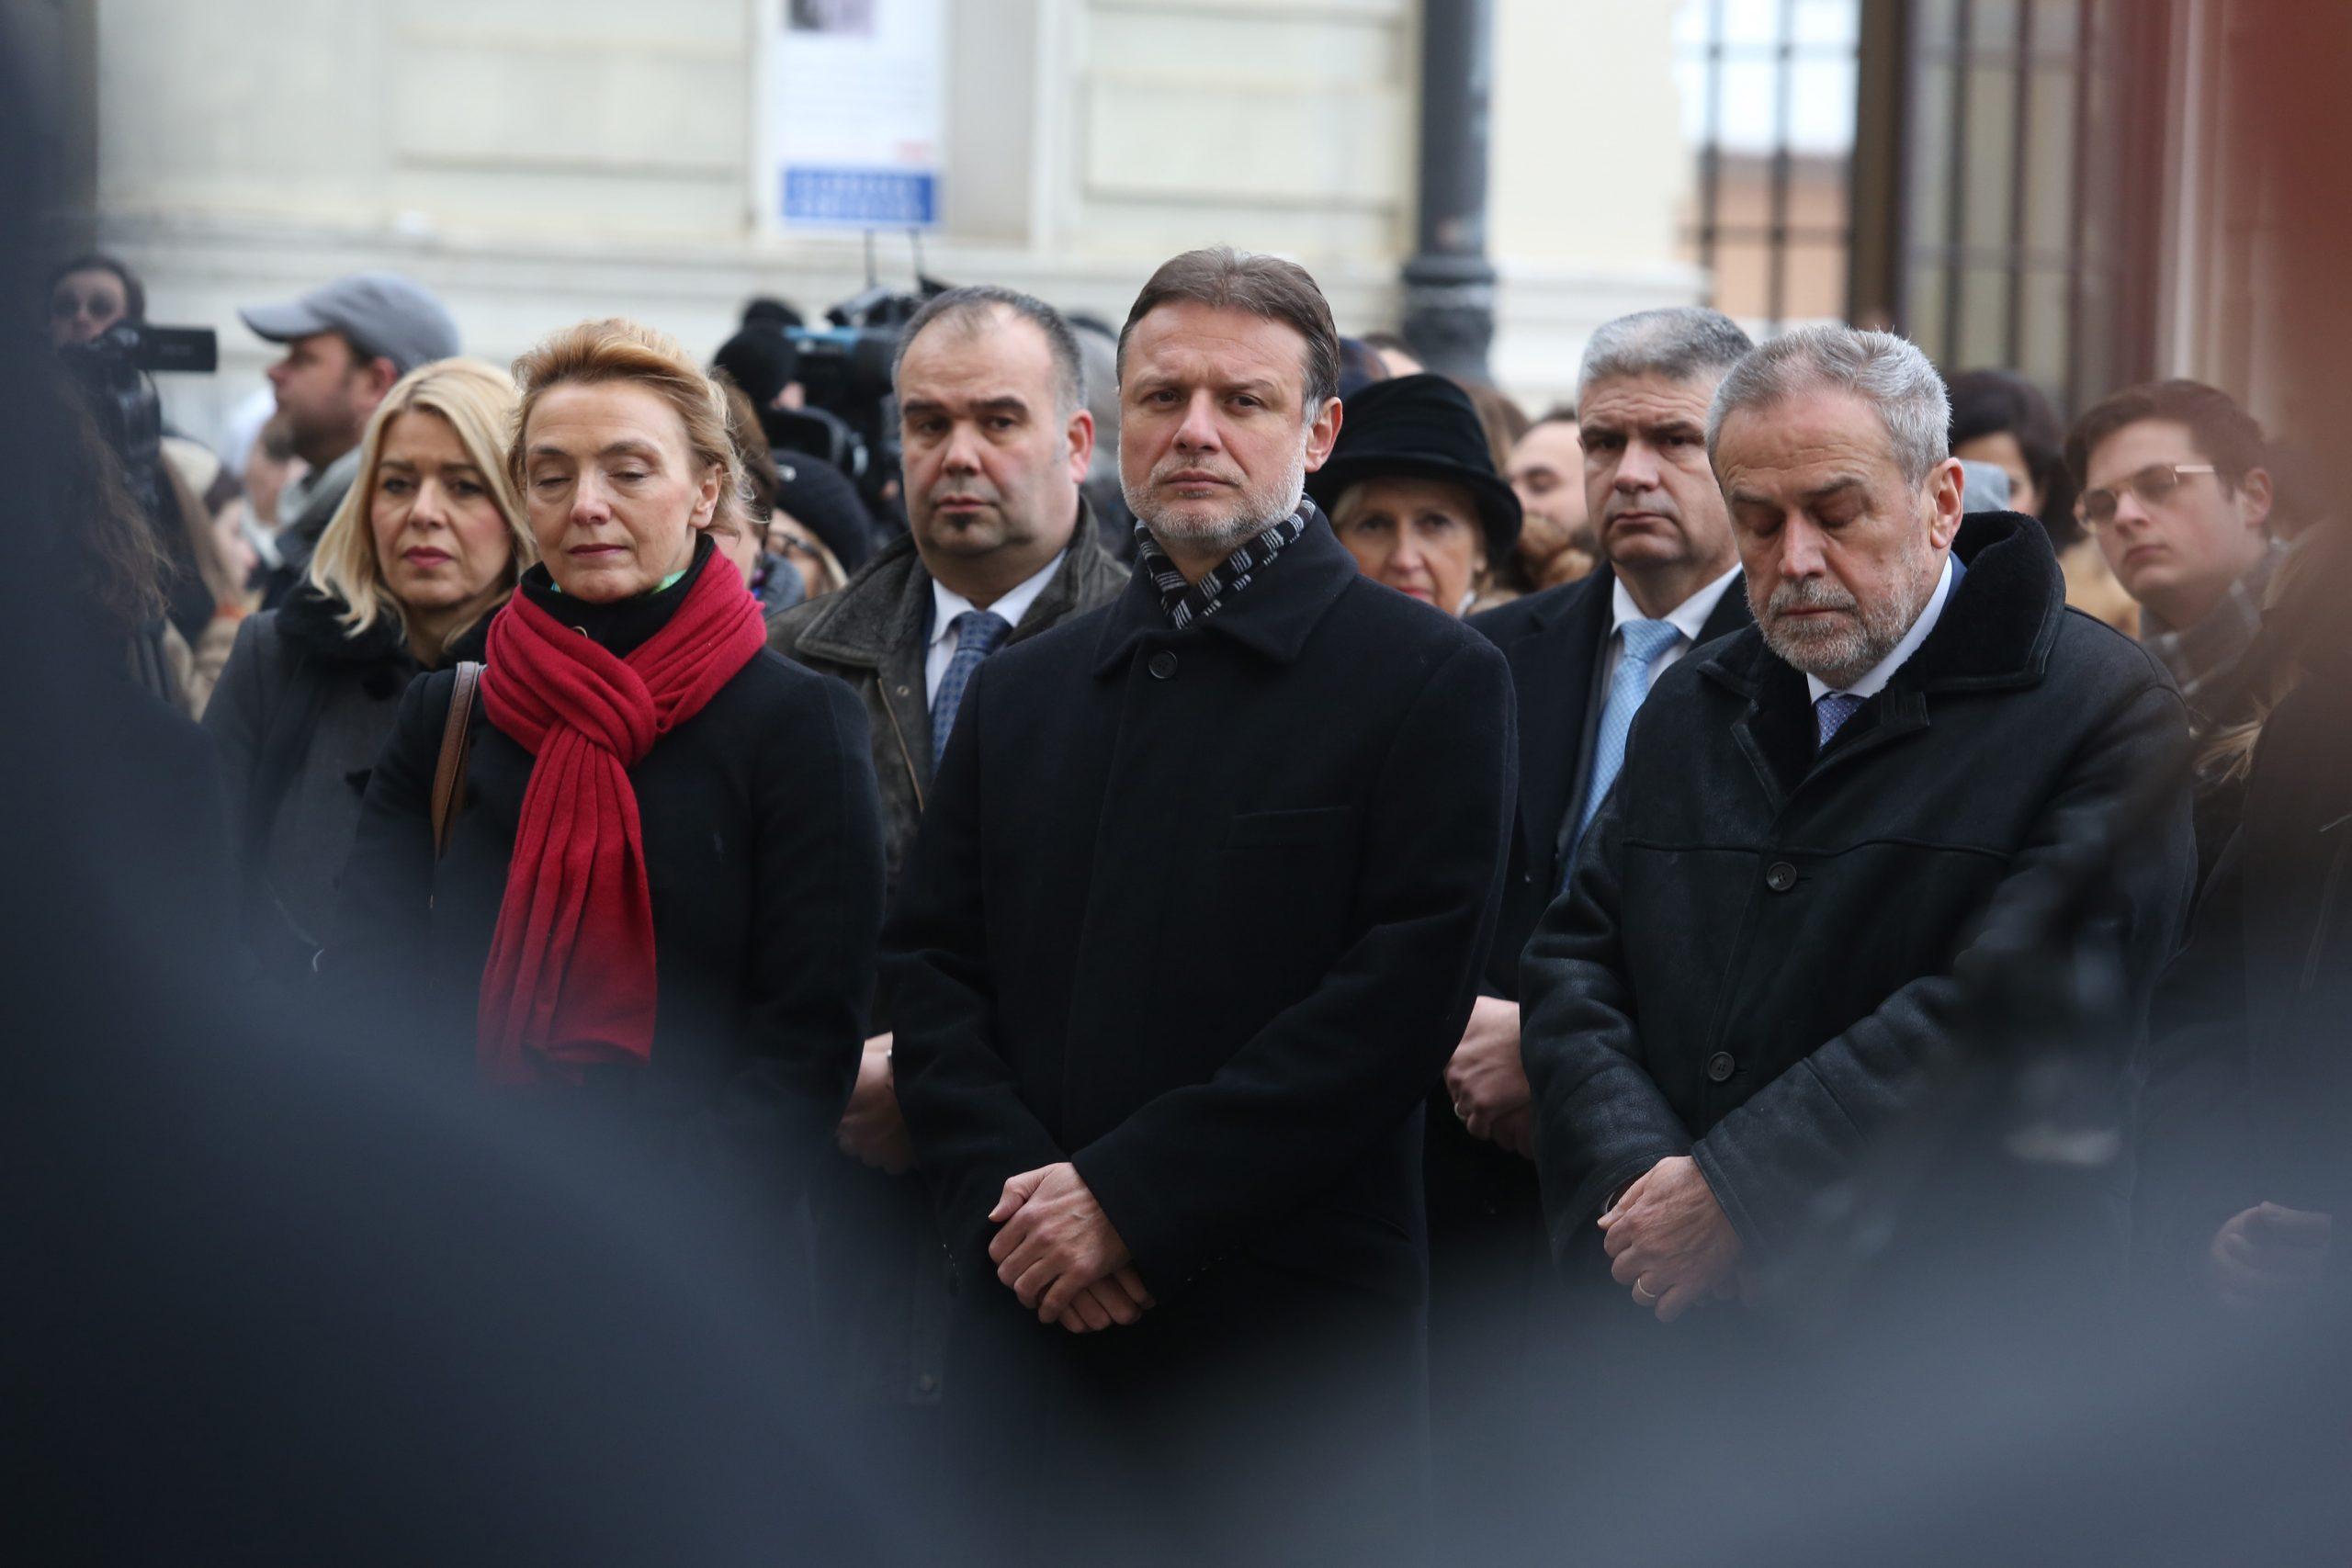 Matija Habljak/PIXSELL